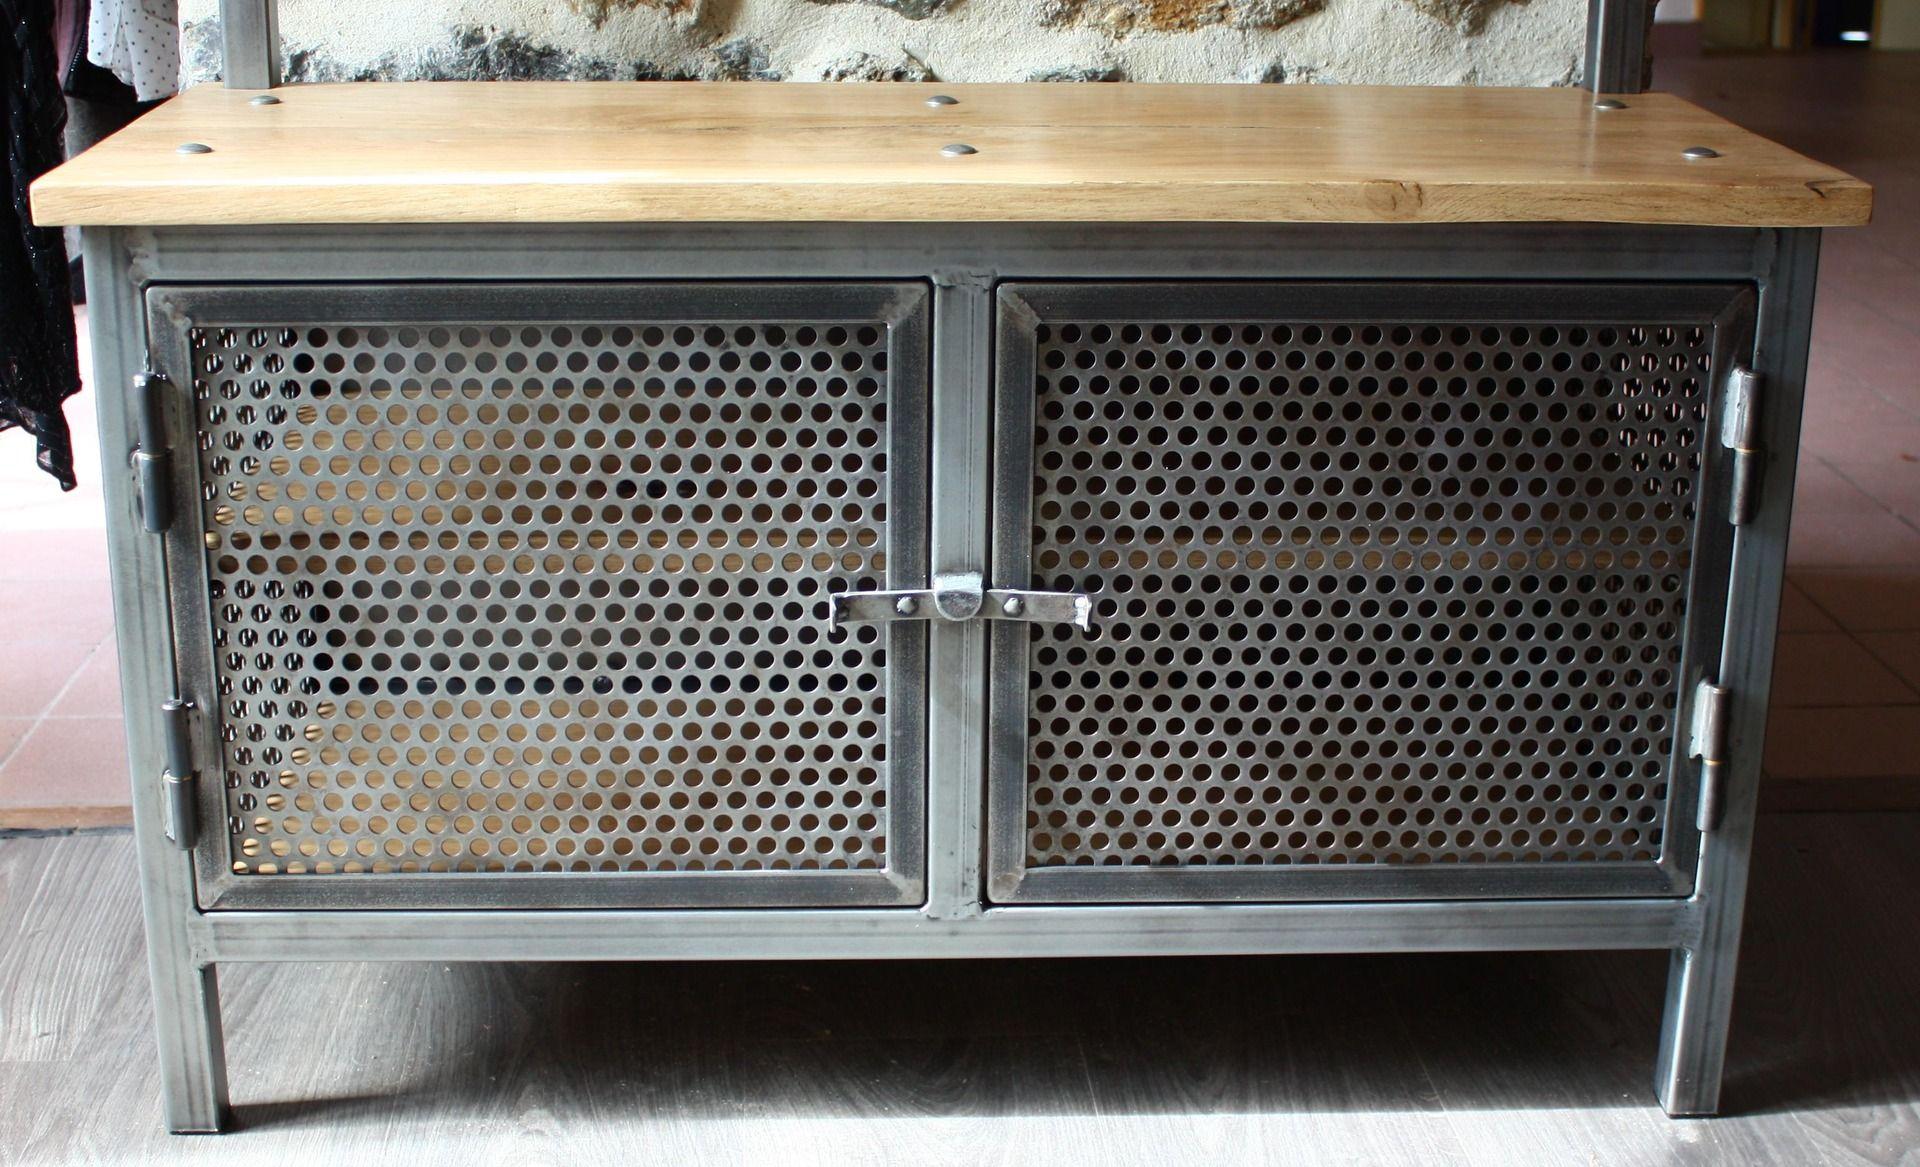 Meuble D Entrée Industriel meuble métal : meuble d'entrée, vestiaire, porte manteaux